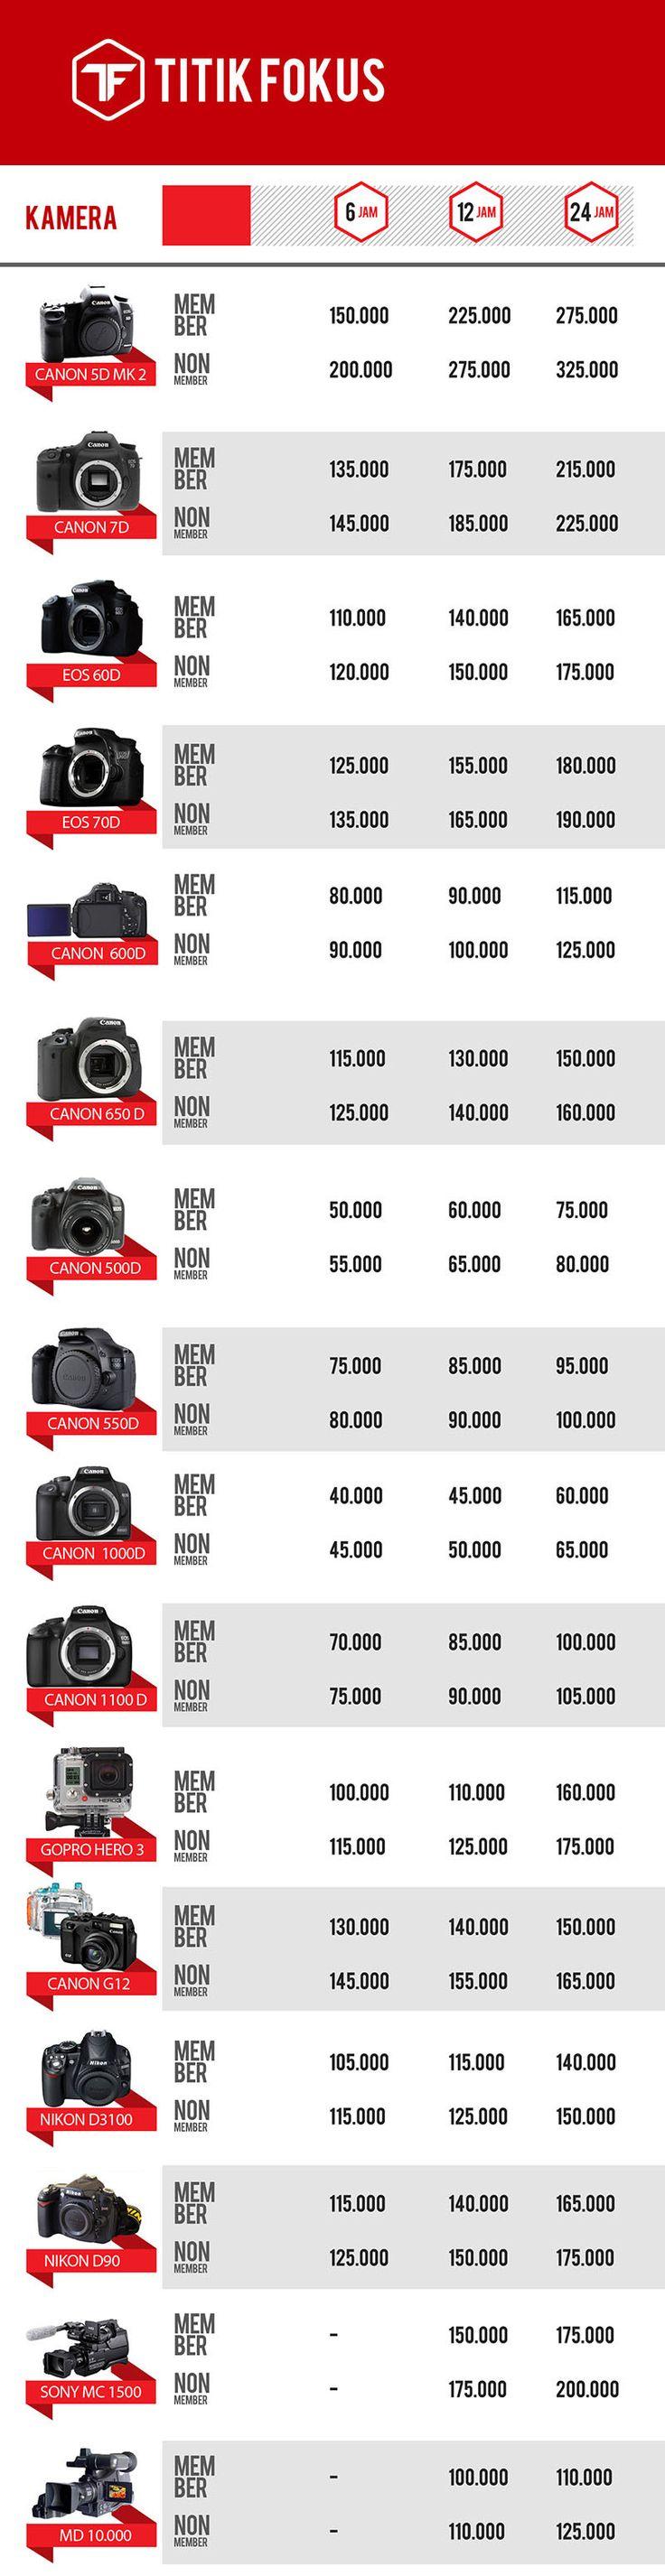 harga sewa kamera semarang (Dengan gambar) Lensa kamera